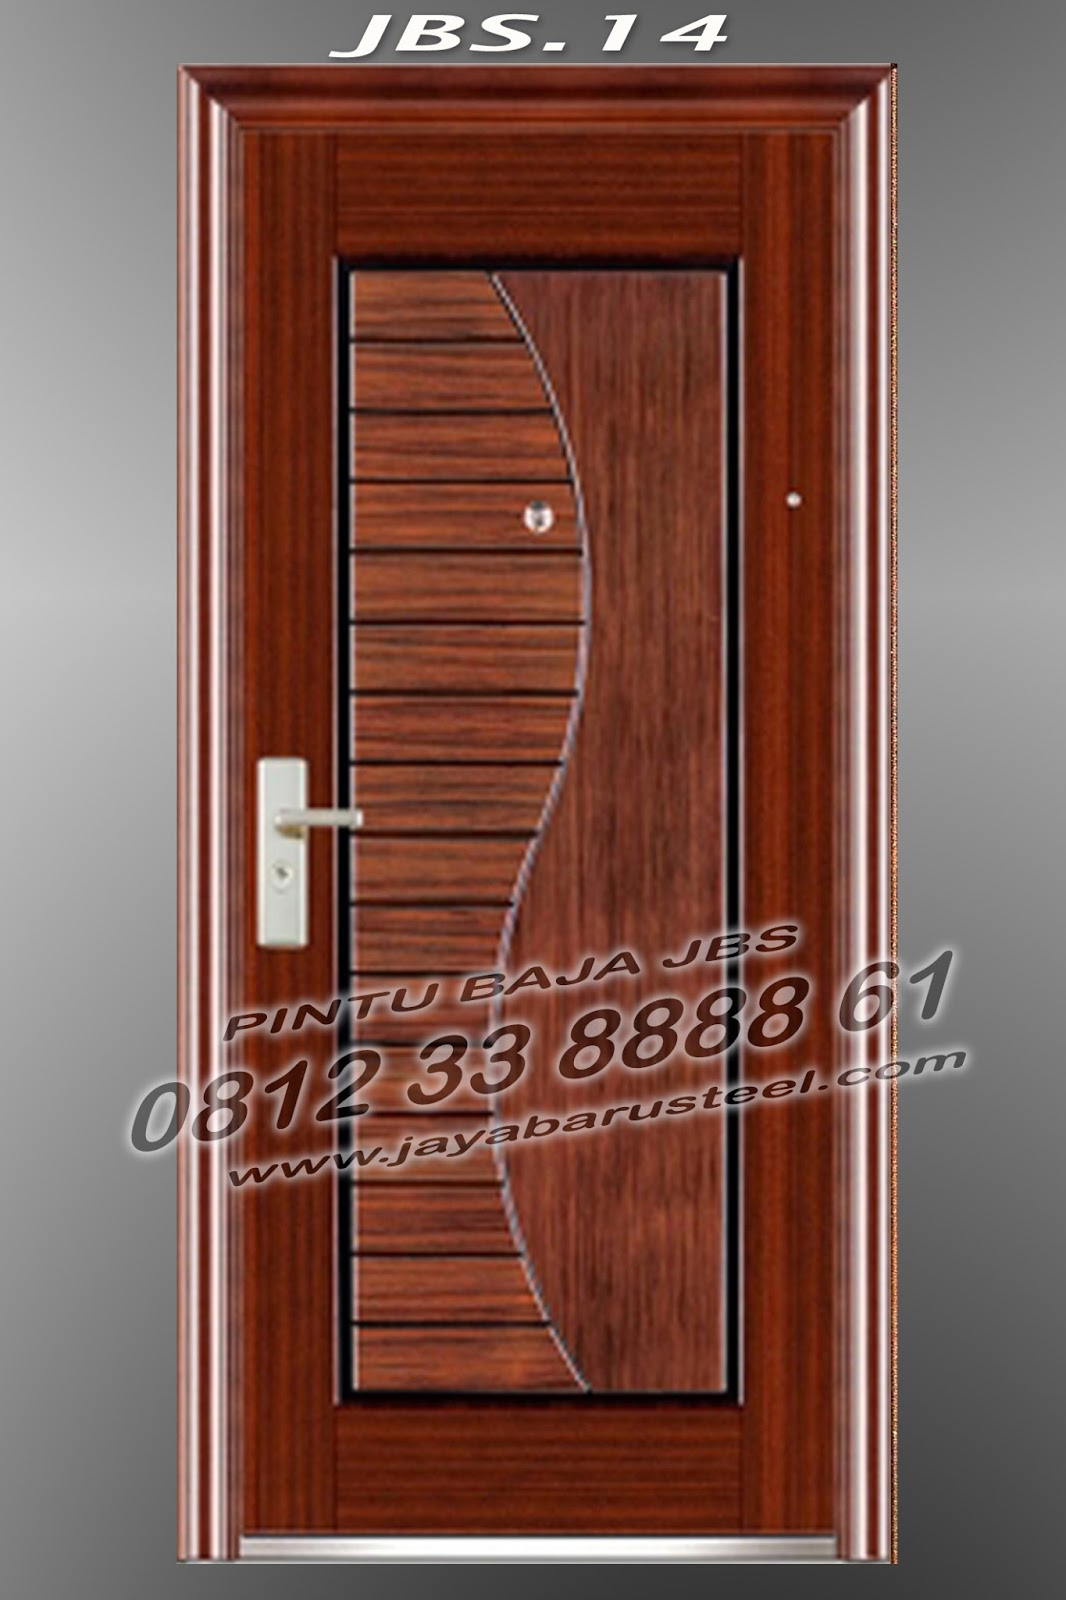 Desain Pintu Rumah Utama Pintu Rumah Terbaru Harga Pintu Rumah